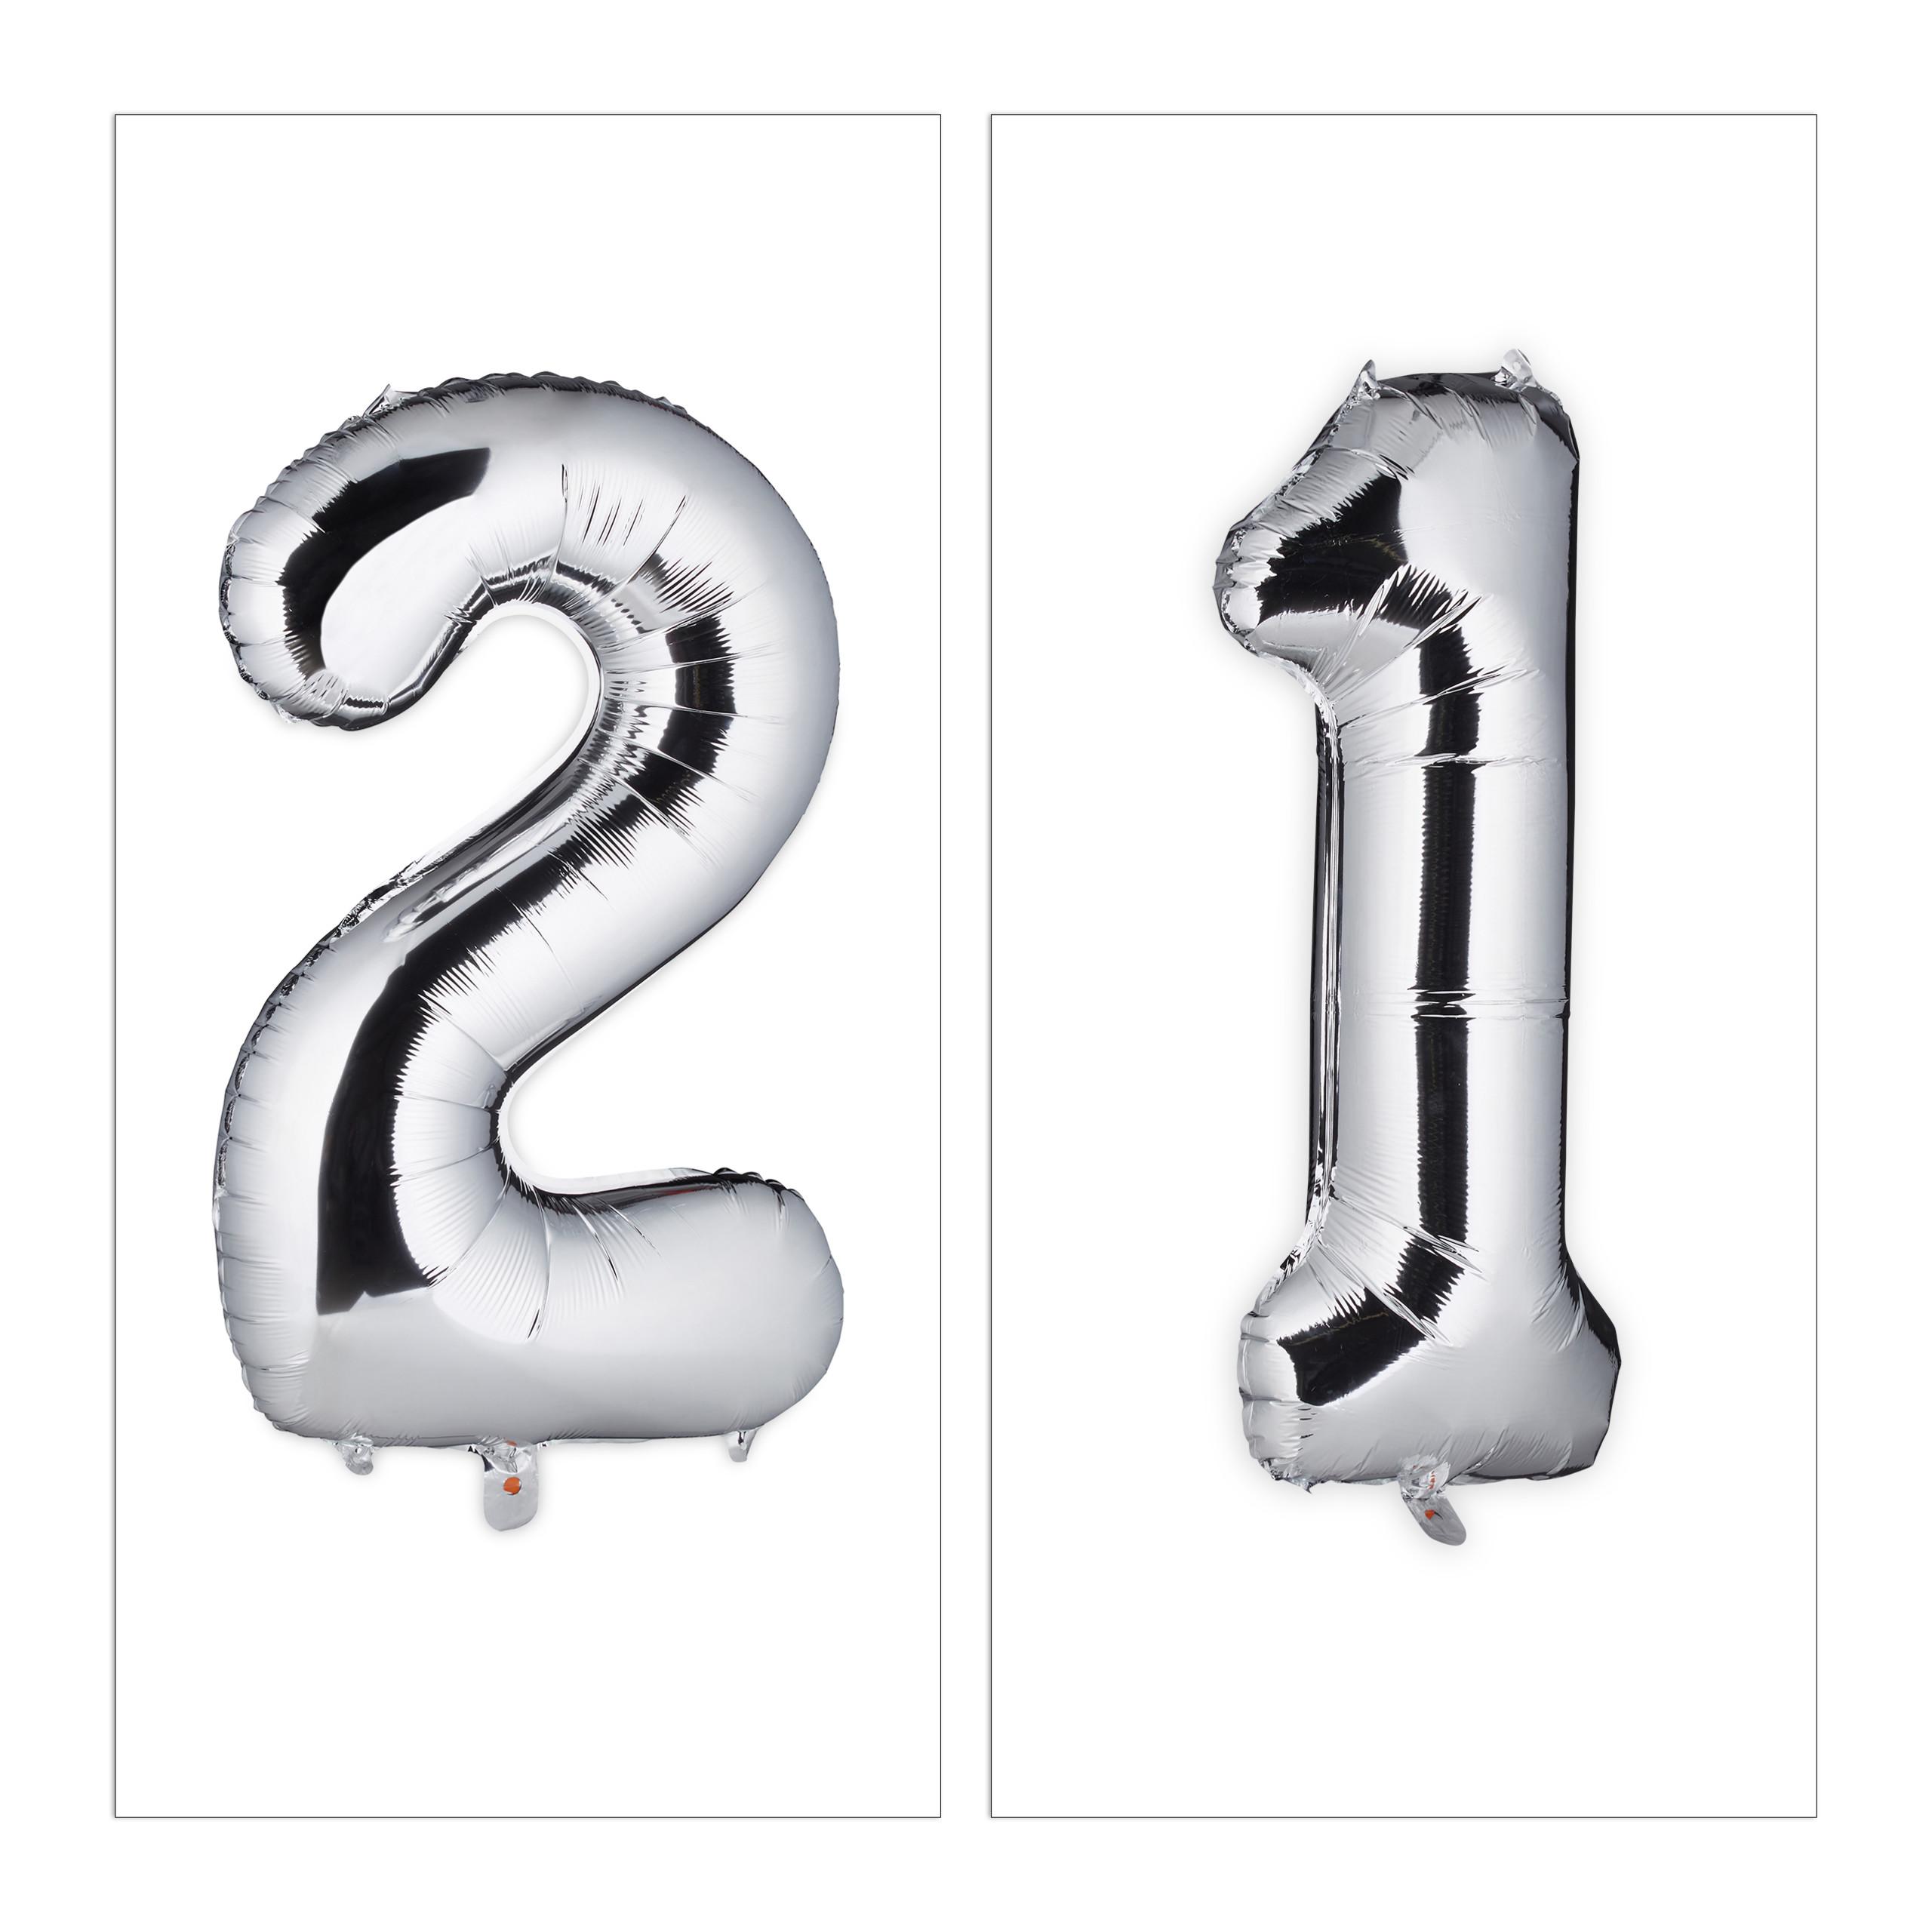 Ballon-chiffre-numero-21-gonflable-anniversaire-decoration-geant-mariage miniature 3